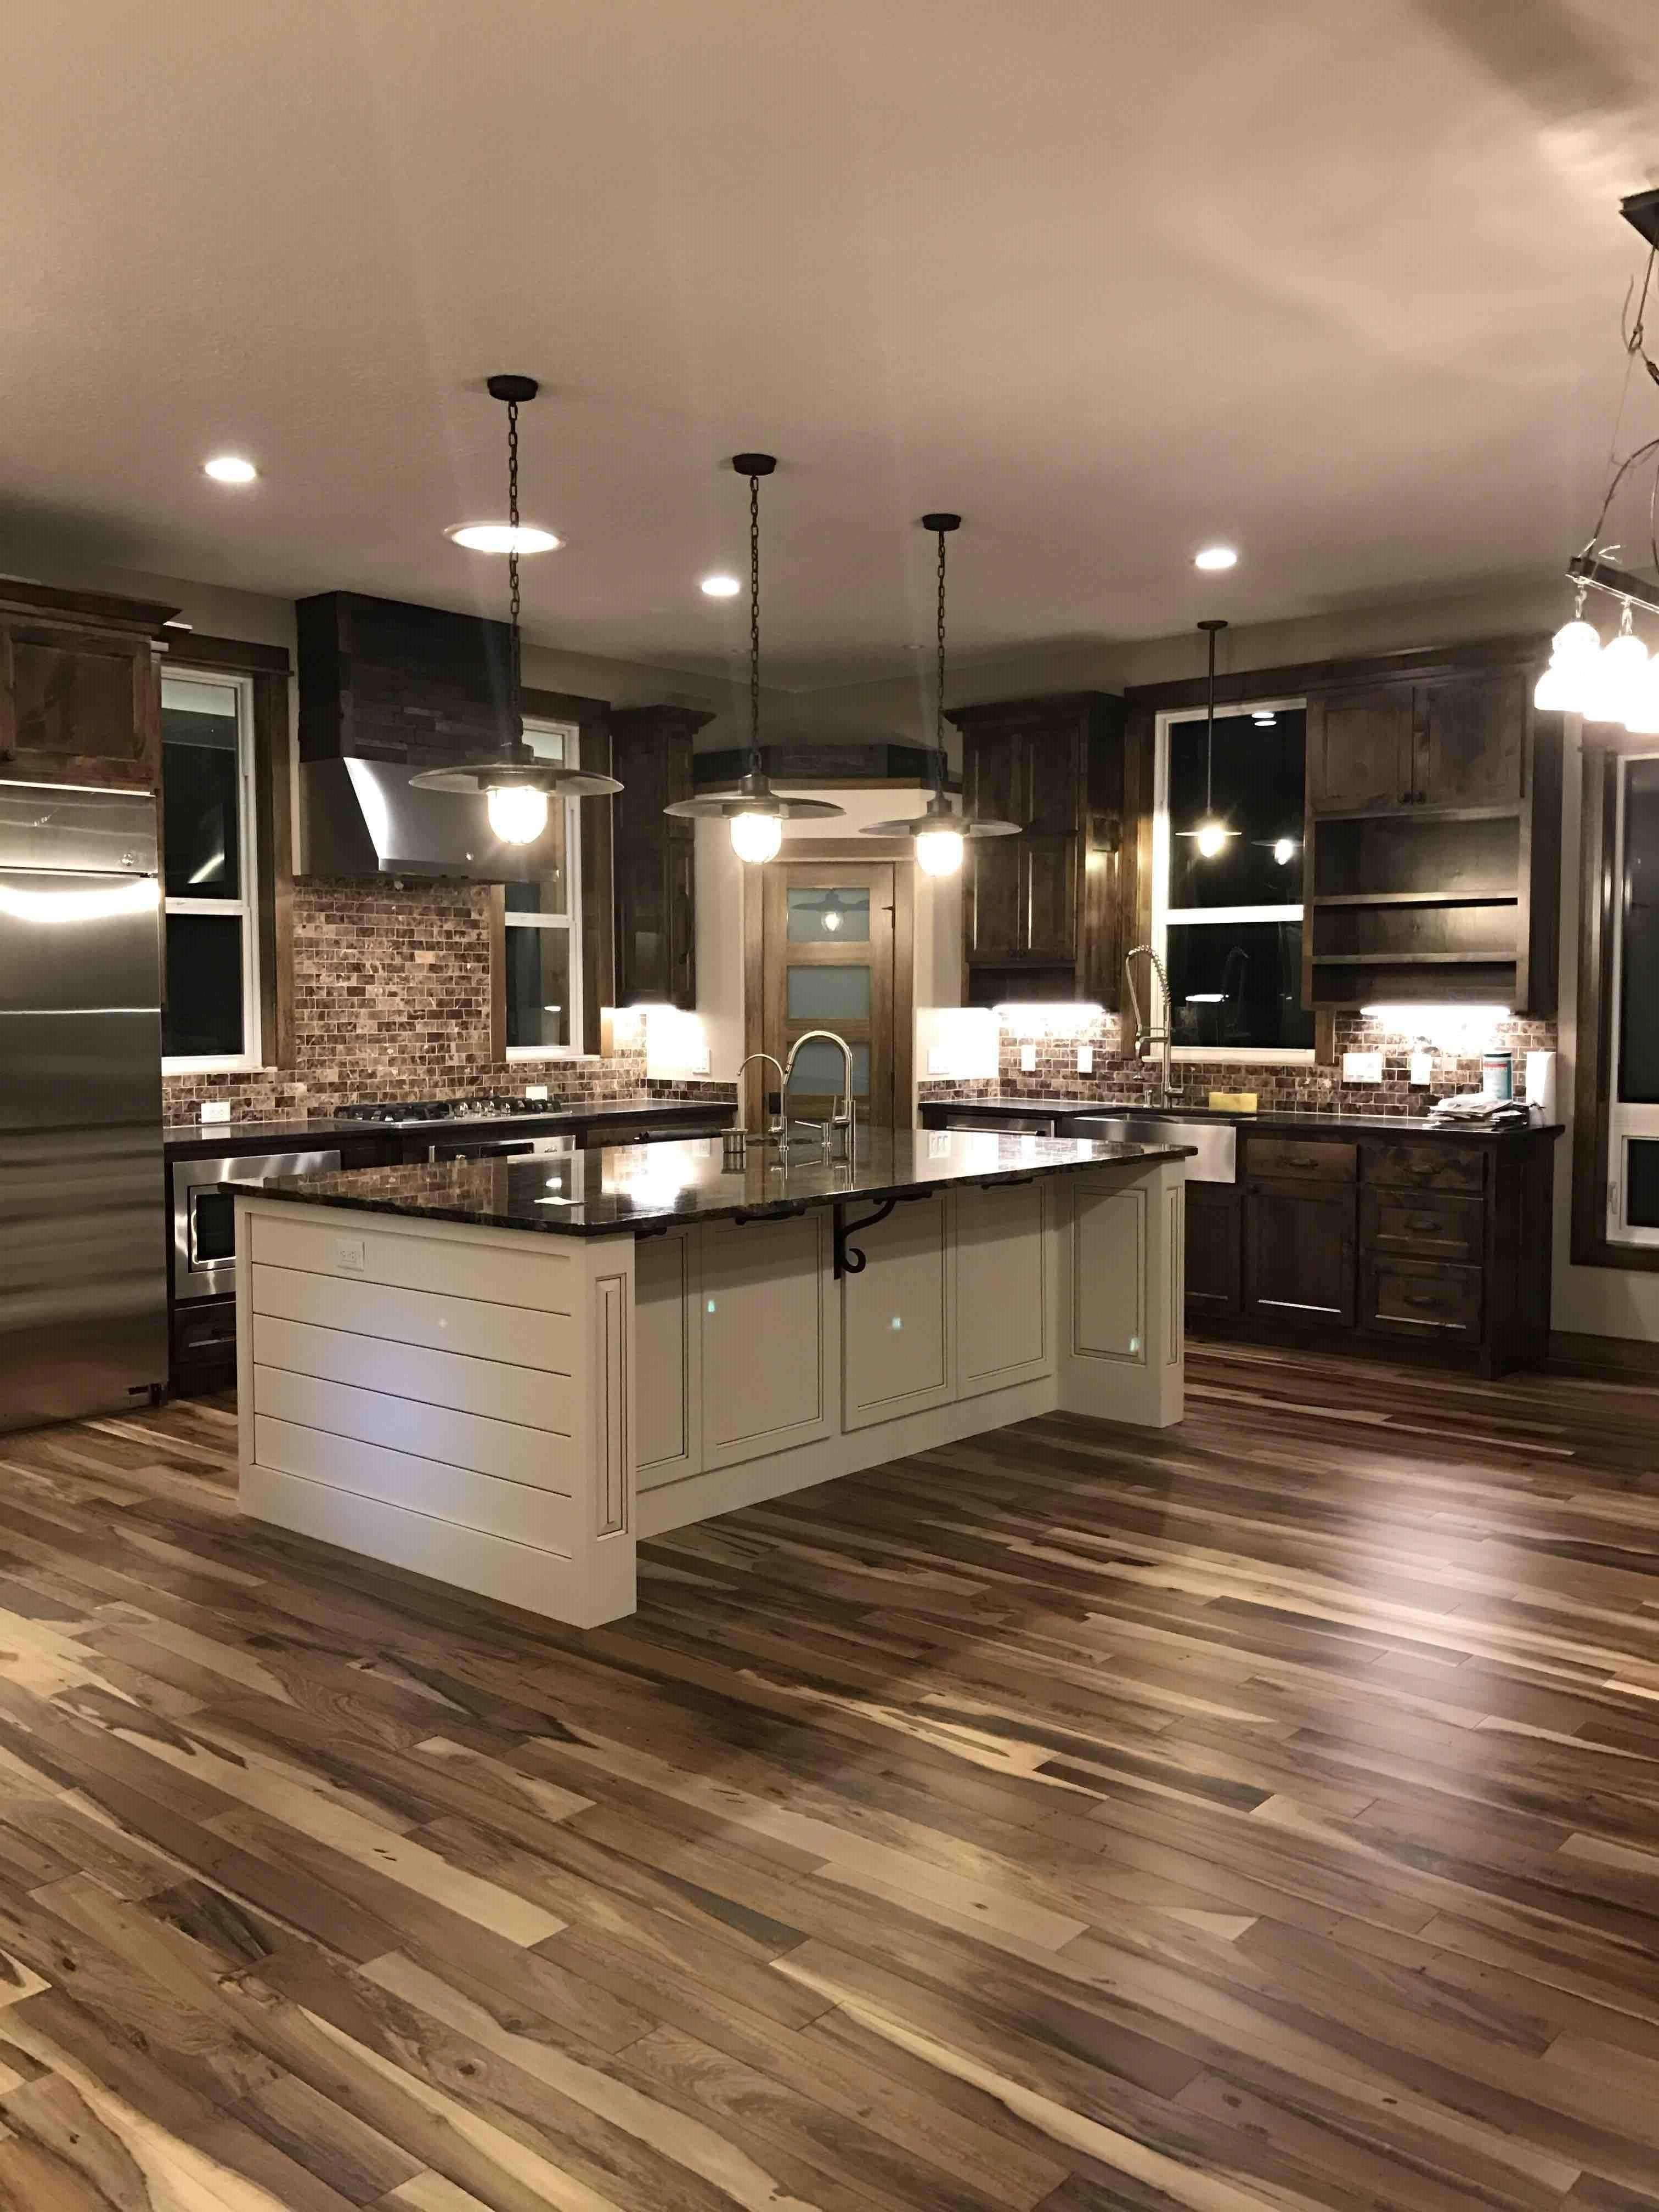 47 Incredible Farmhouse Rustic Kitchen Decorating Ideas Home Decor Kitchen Kitchen Design Modern Farmhouse Kitchens